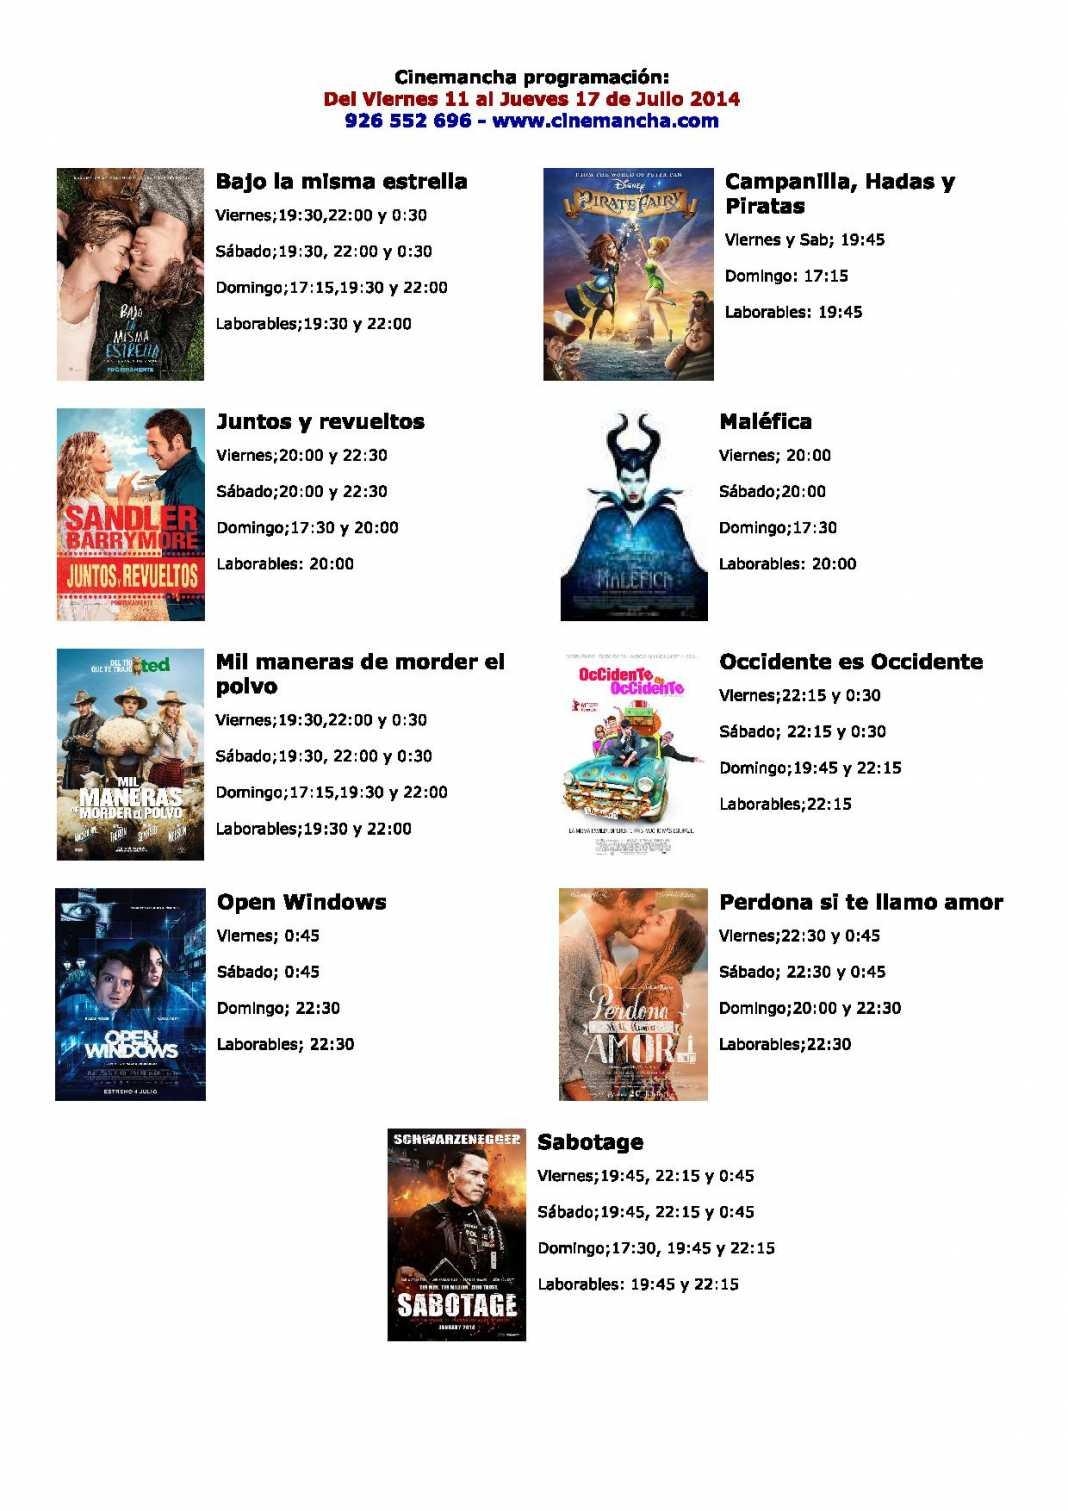 Cinemancha programación: Del Viernes 11 al Jueves 17 de Julio 2014 1